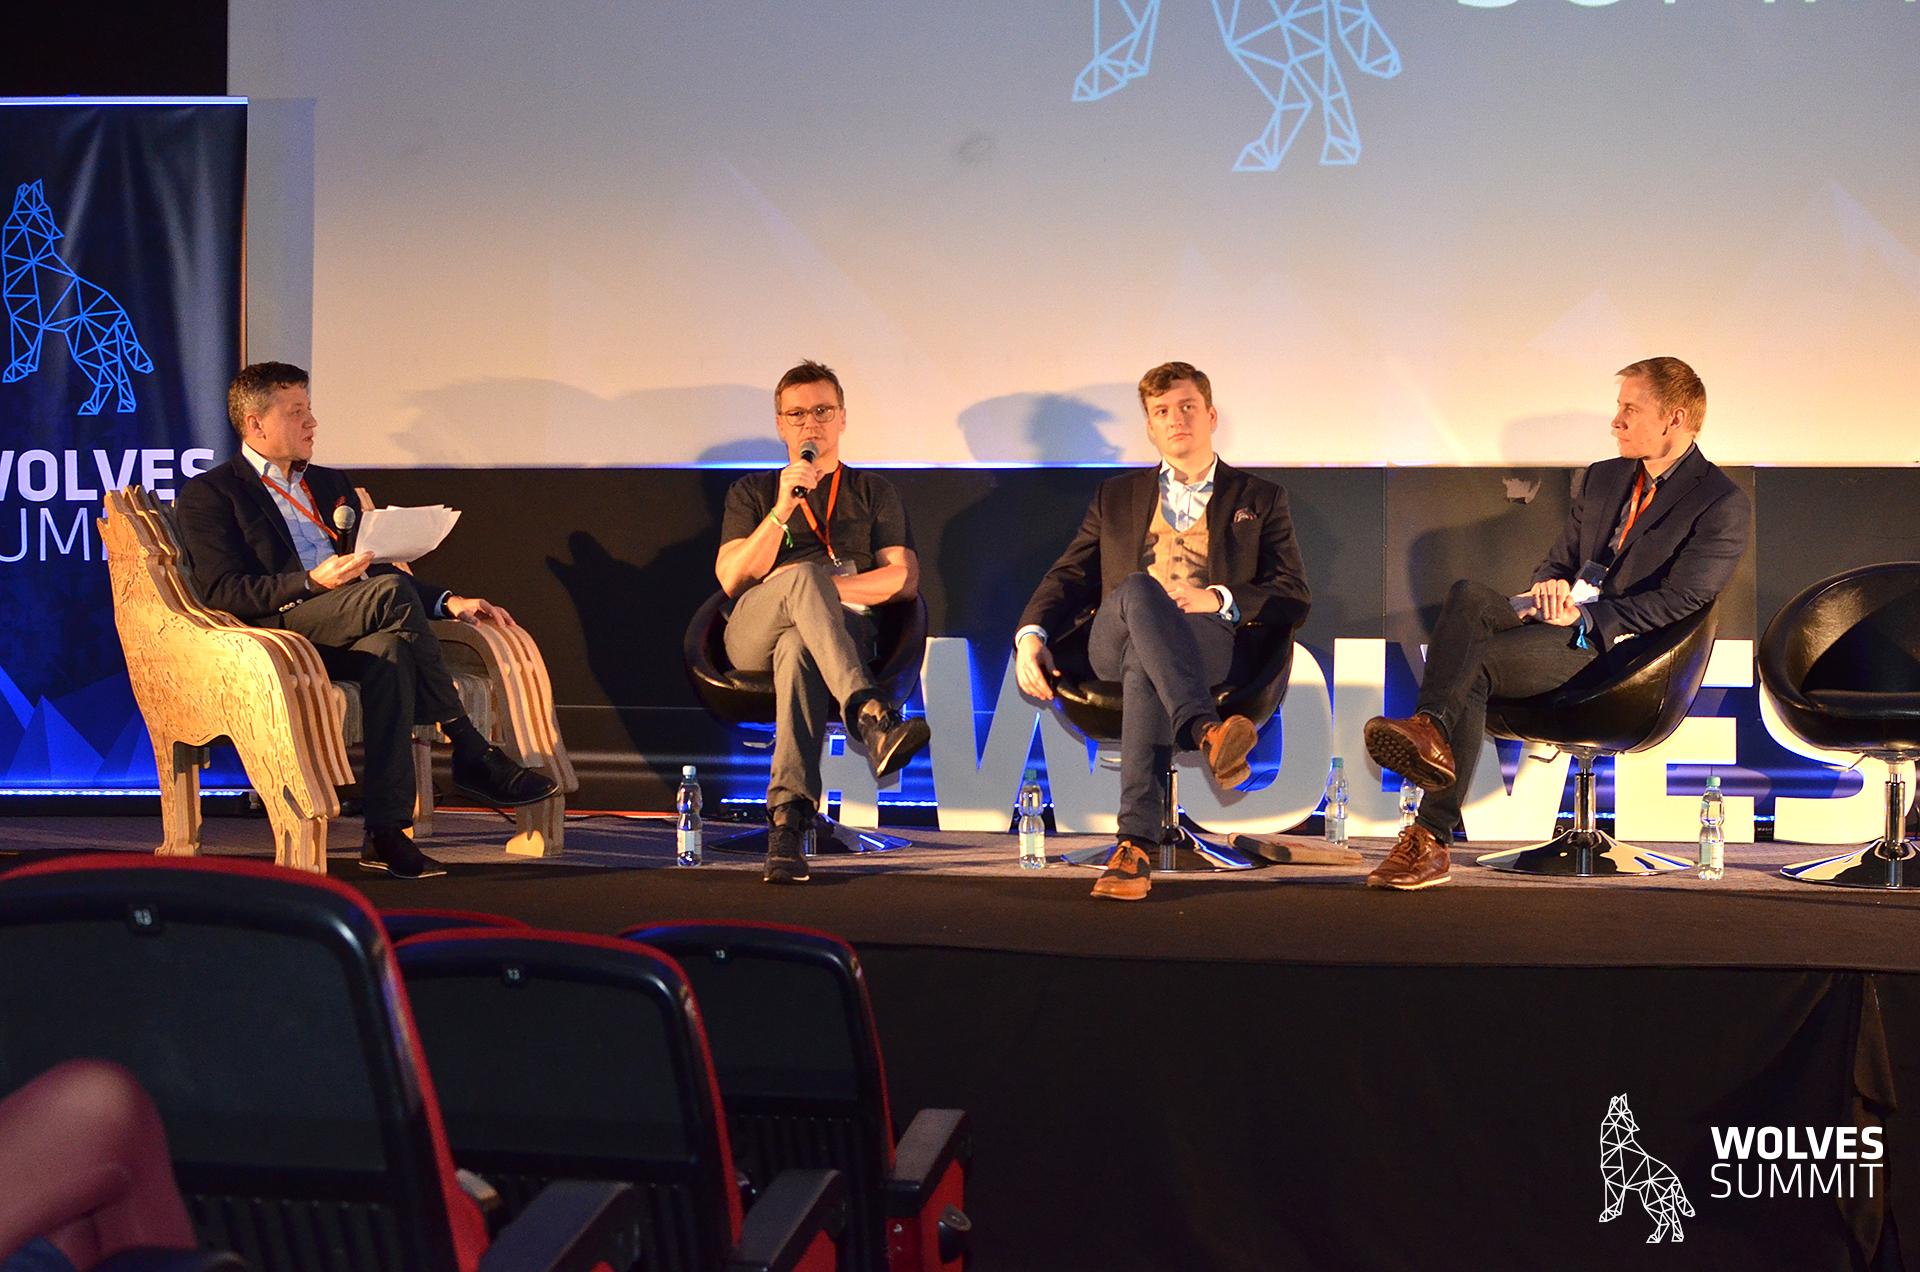 Piąte spotkanie na konferencji technologicznej Wolves Summit pod patronatem BiznesAlert.pl